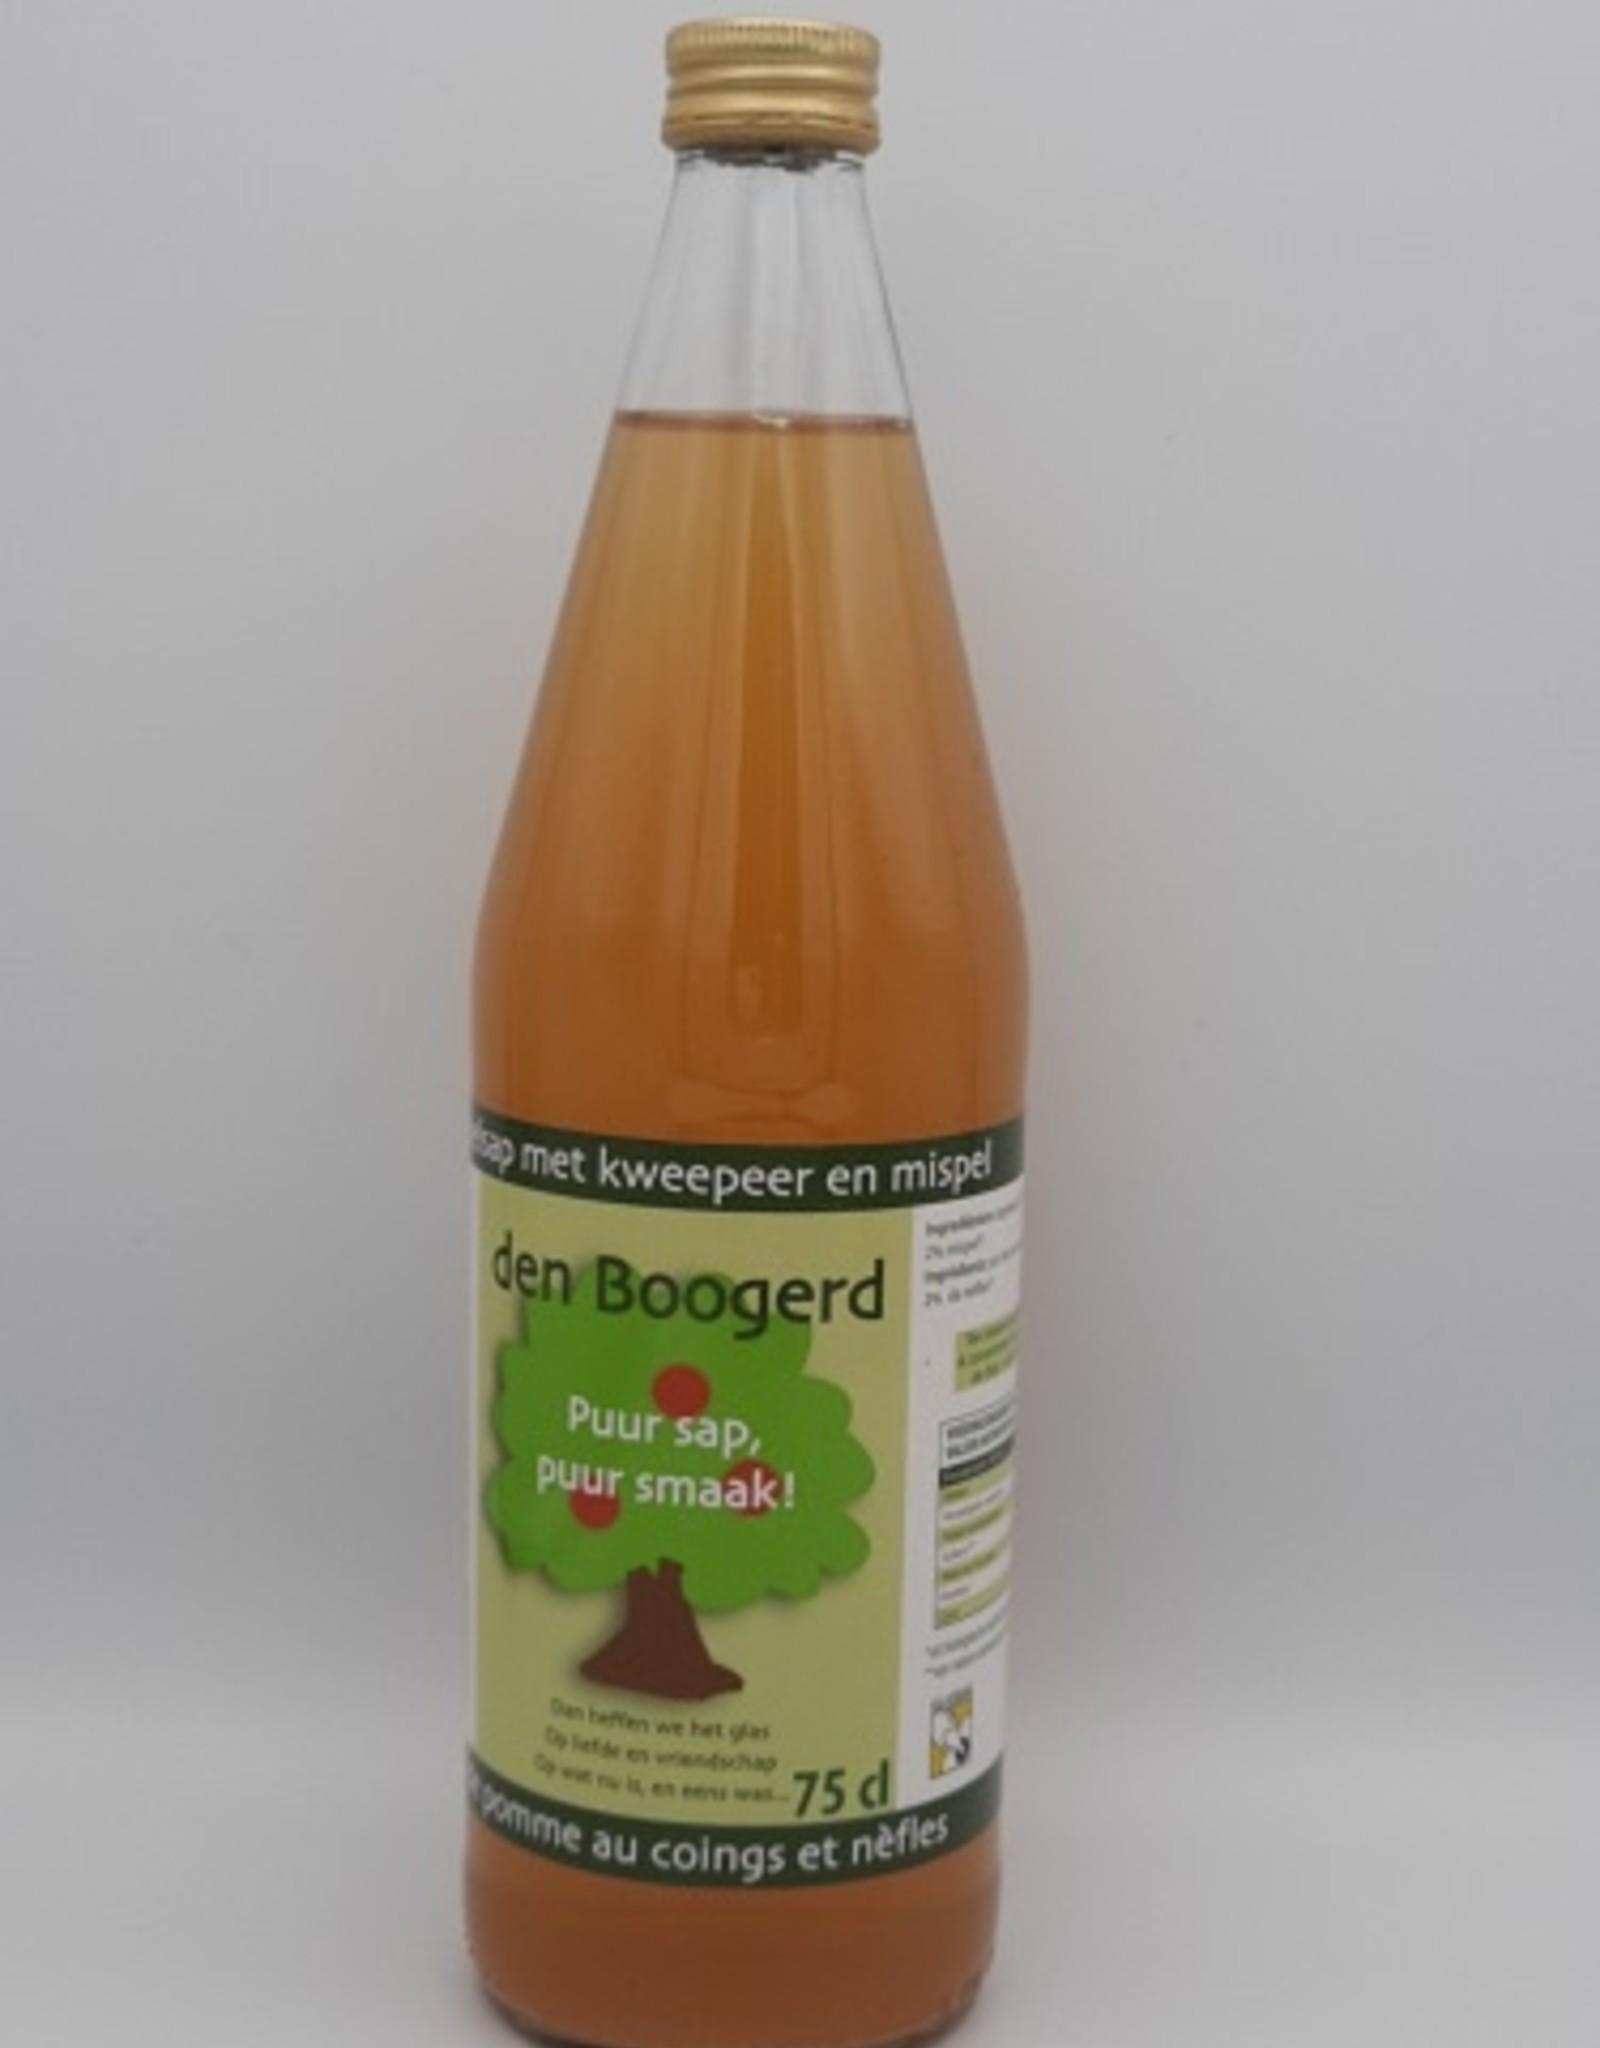 Den Boogerd Appel-kweepeer-mispelsap 75cl